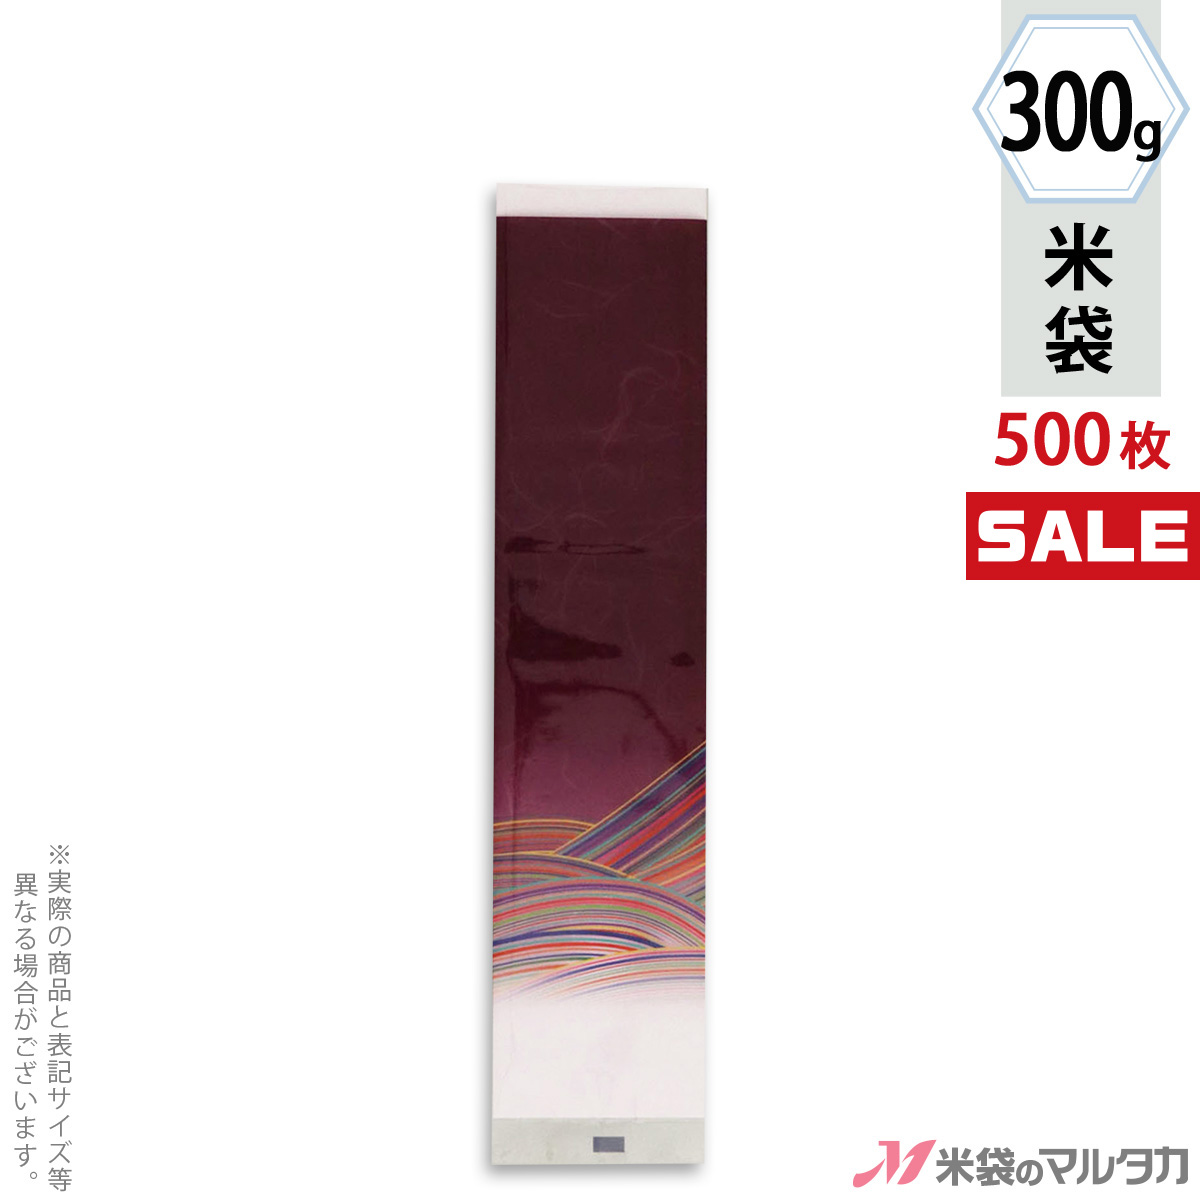 <キャンペーン対応>米袋 ラミ プチロング袋 想流(そうりゅう) ぶどう 300g用(2合) 1ケース(500枚入) N-07003